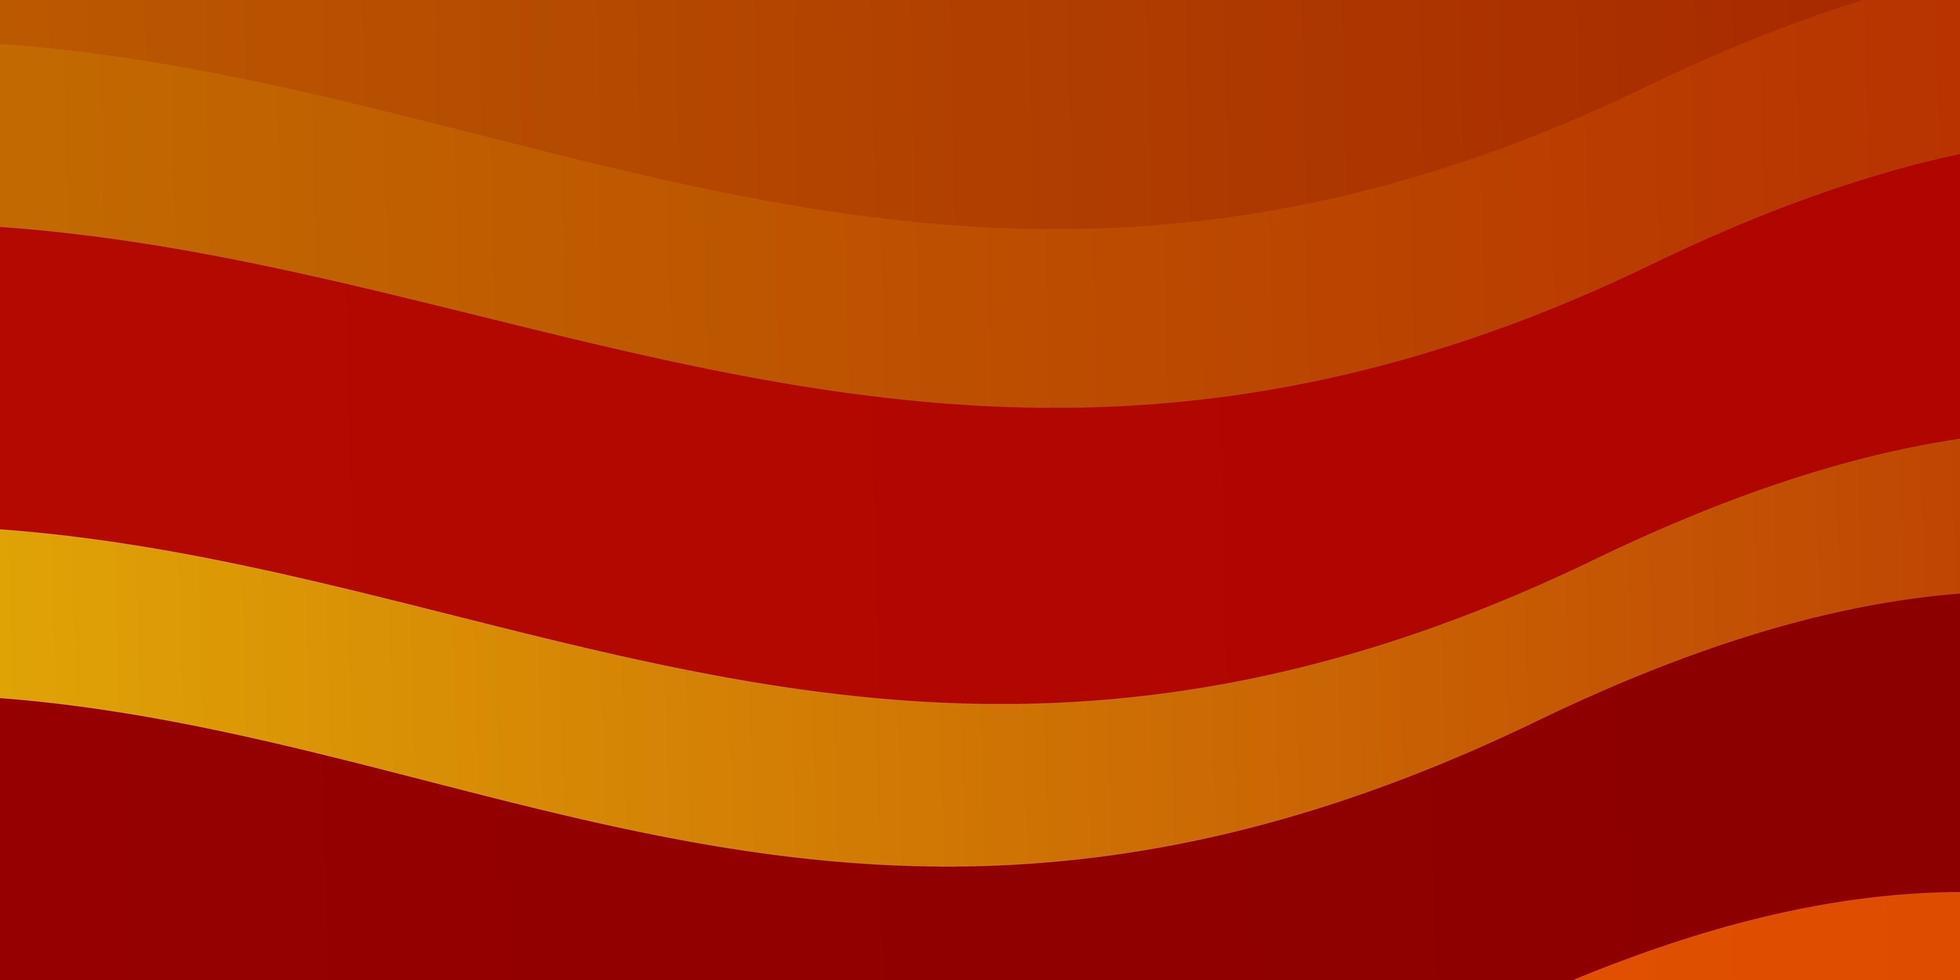 Fondo de vector naranja claro con líneas curvas.